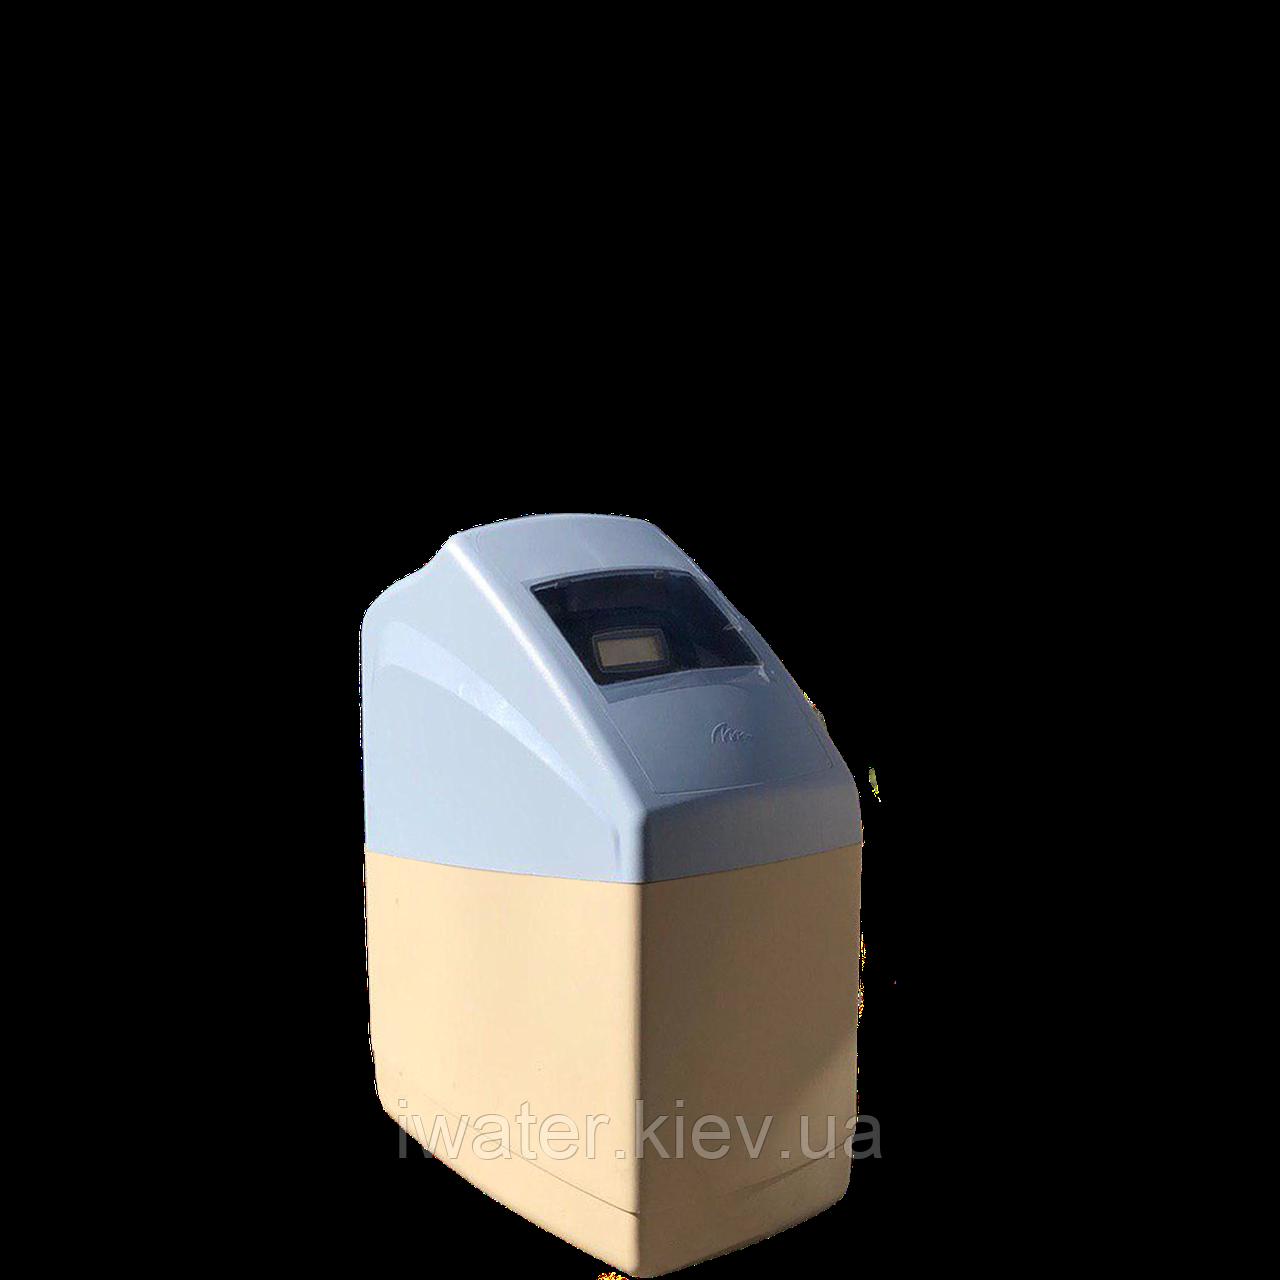 Система кабинетного типа SWAN комплексный фильтрующий материал Filtrons X2 на клапане Clack Pallas CK